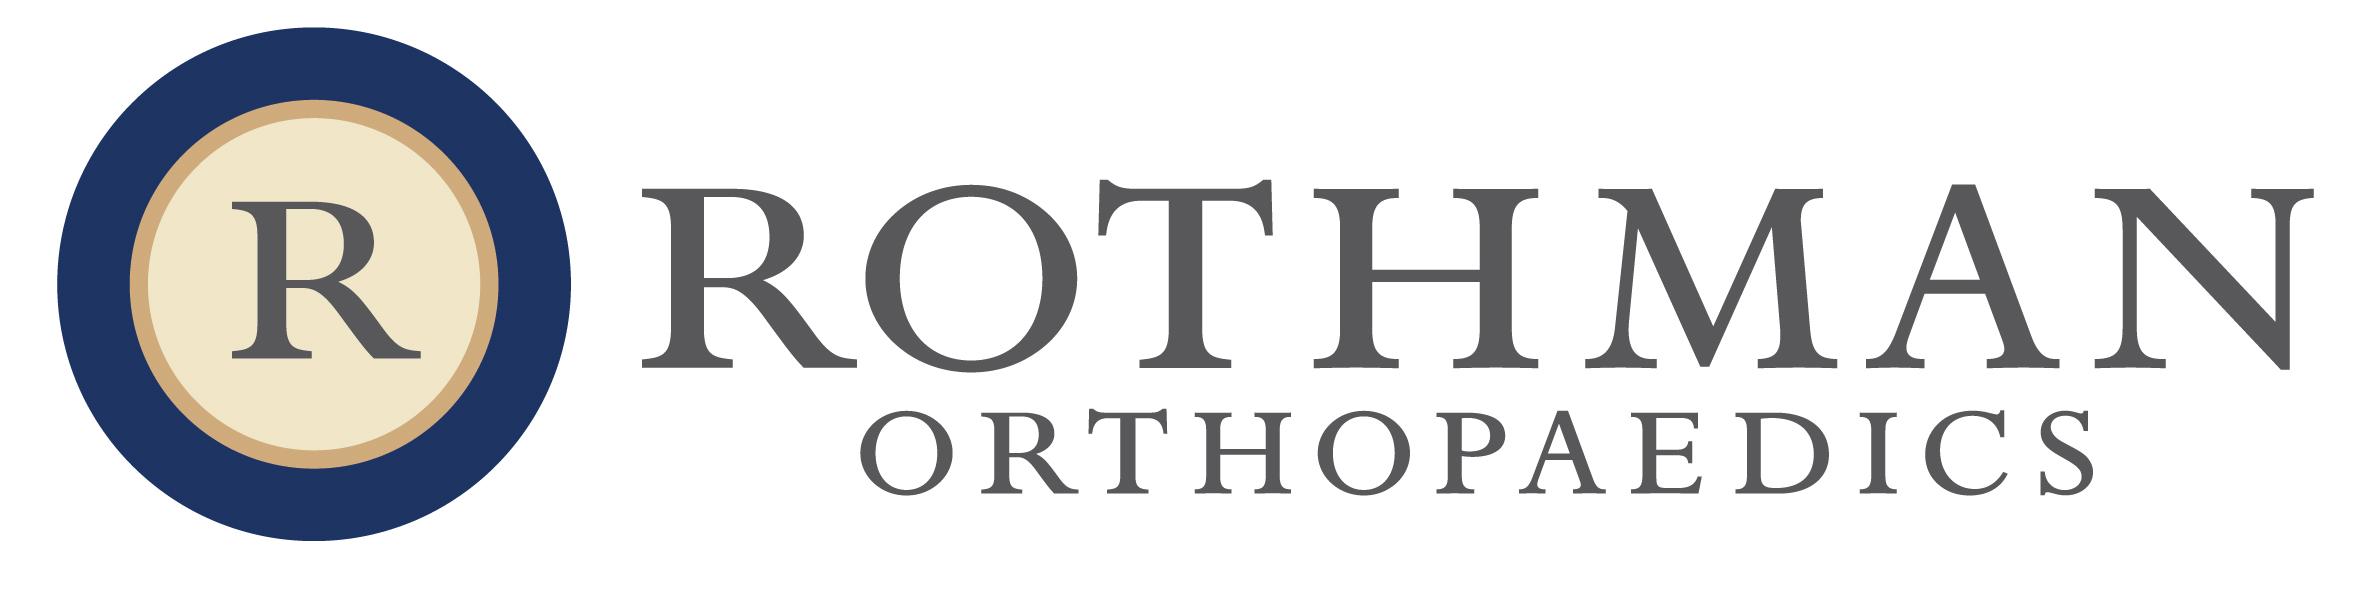 Rothman Orthopaedics